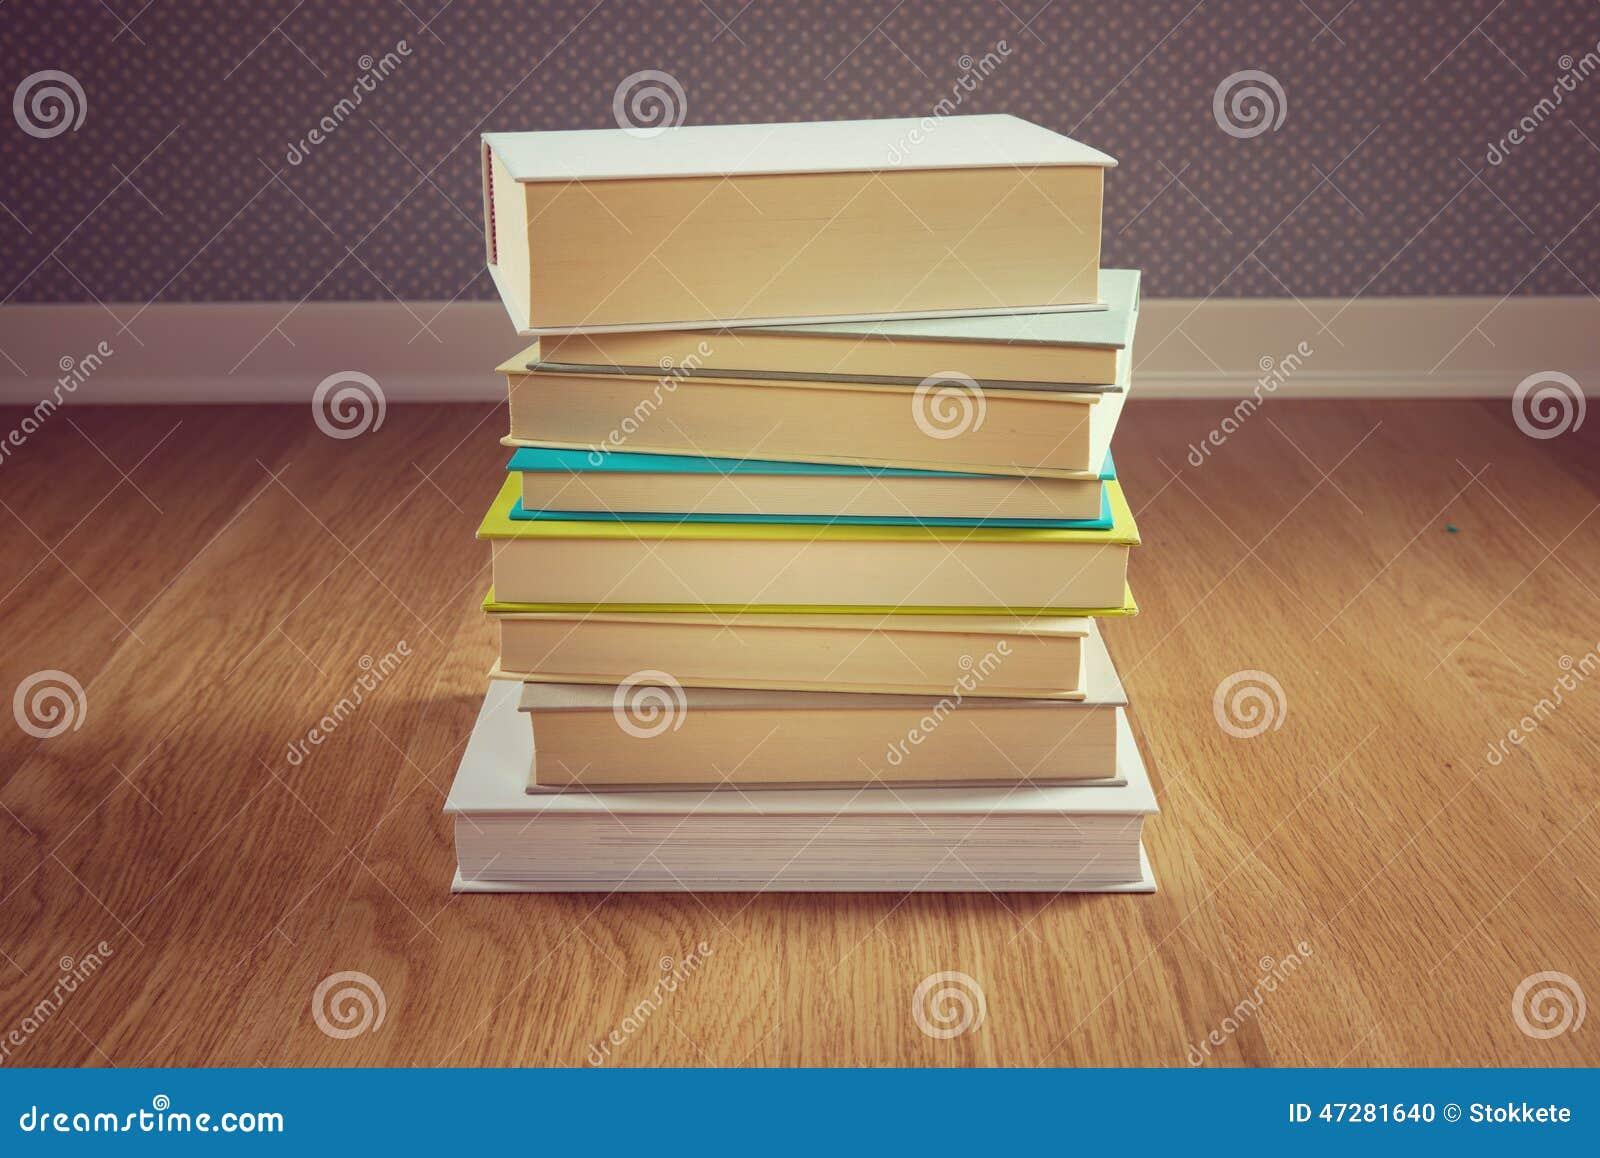 Pila de libros en el piso foto de archivo imagen 47281640 - En el piso de abajo libro ...